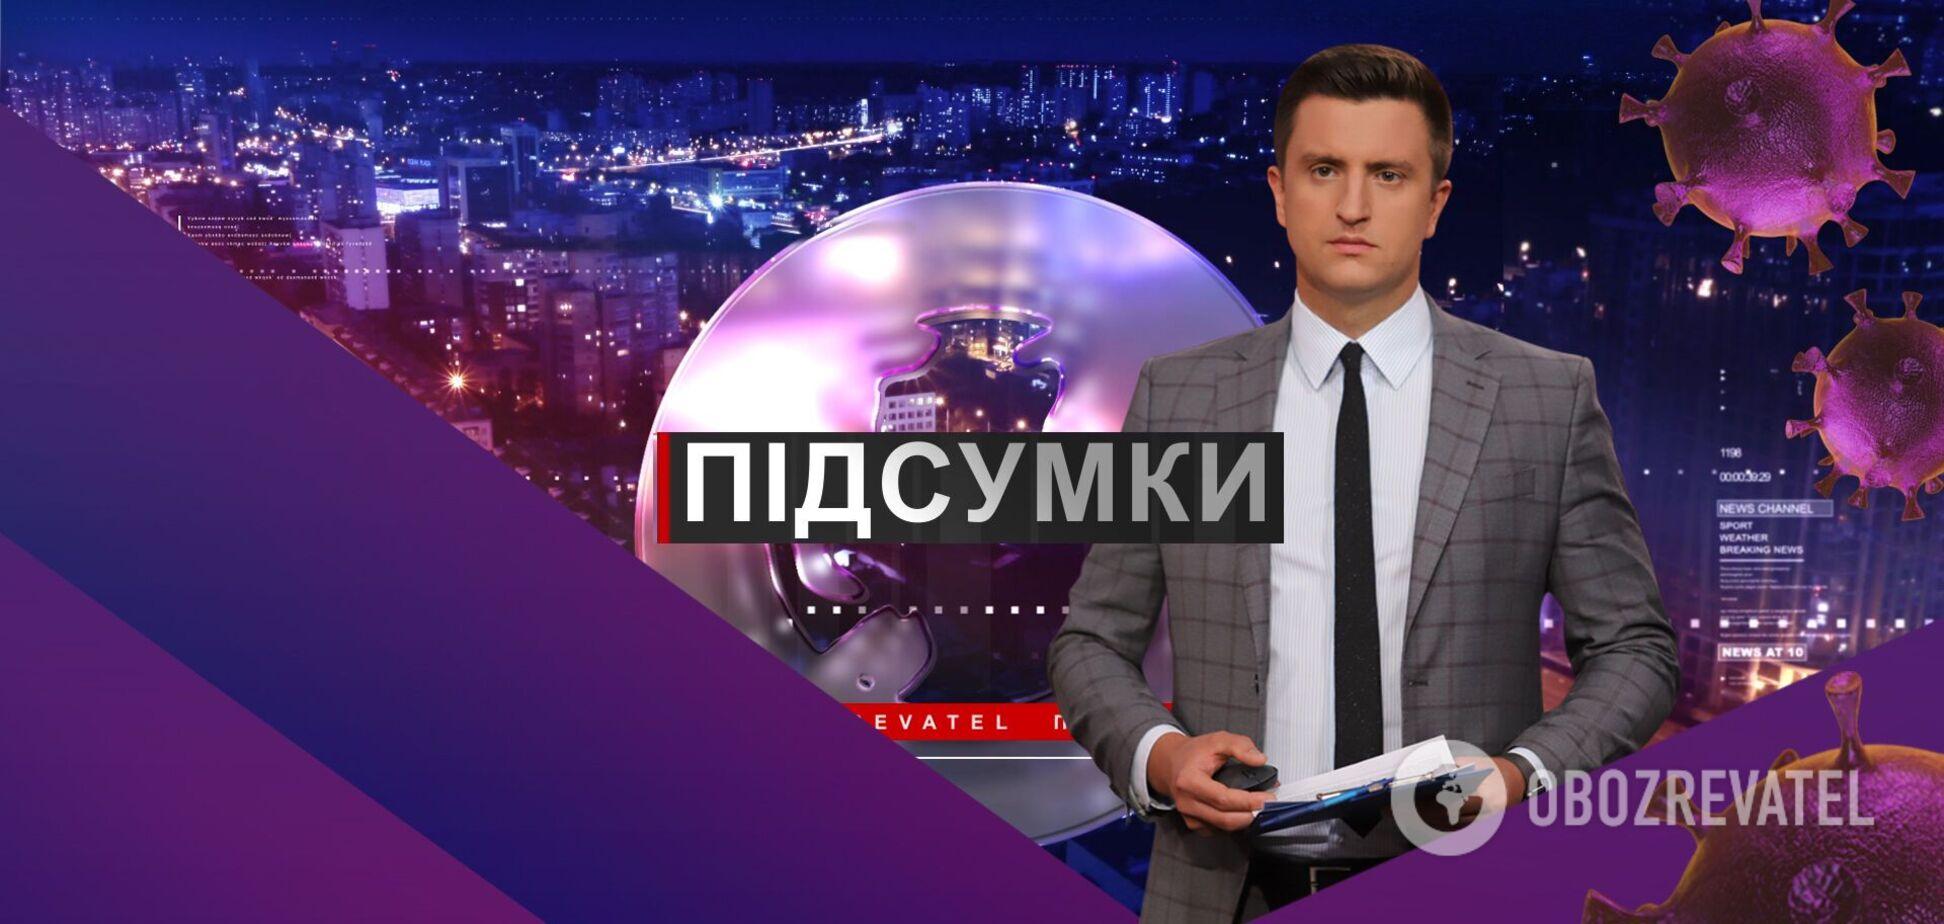 Підсумки дня з Вадимом Колодійчуком. Вівторок, 12 січня